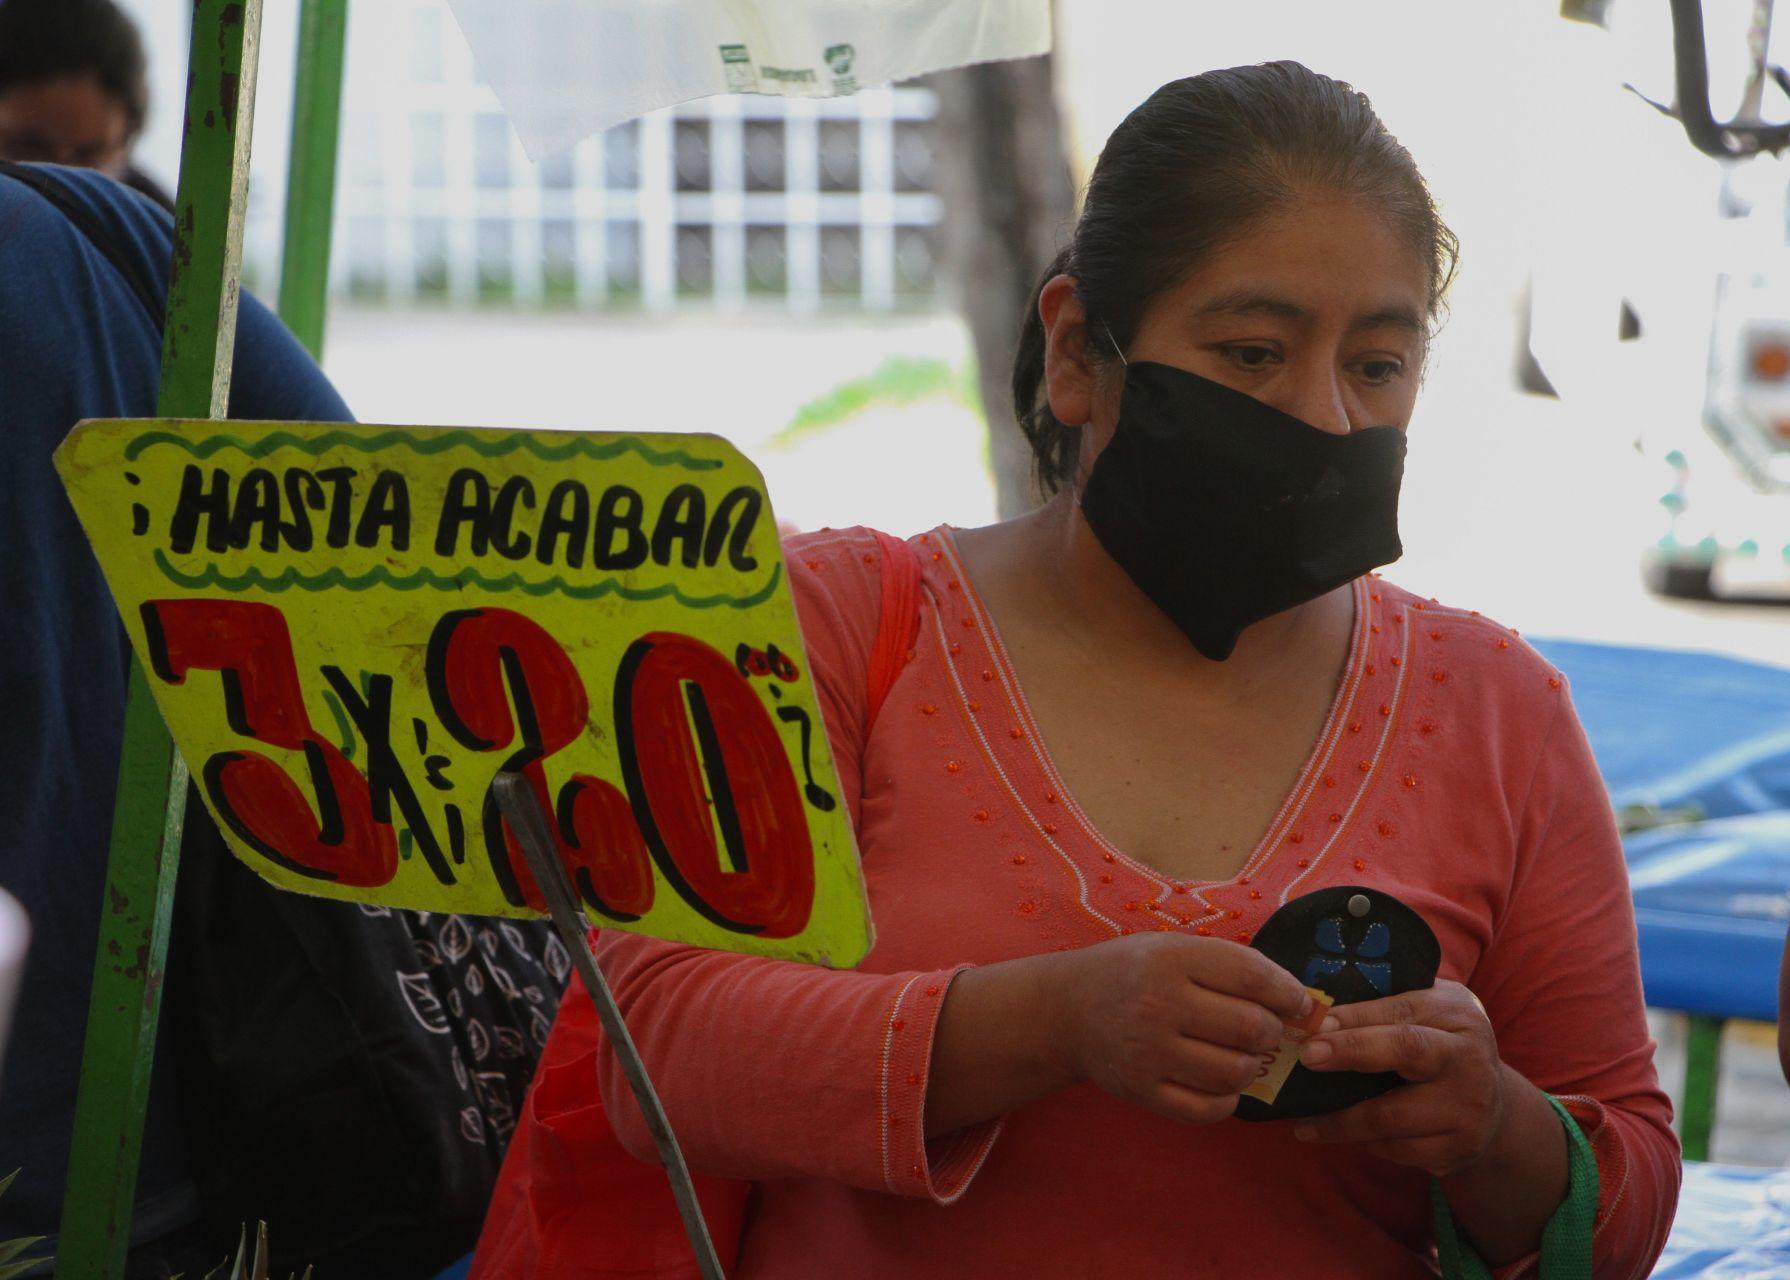 aumenta-precio-alimentos-pandemia